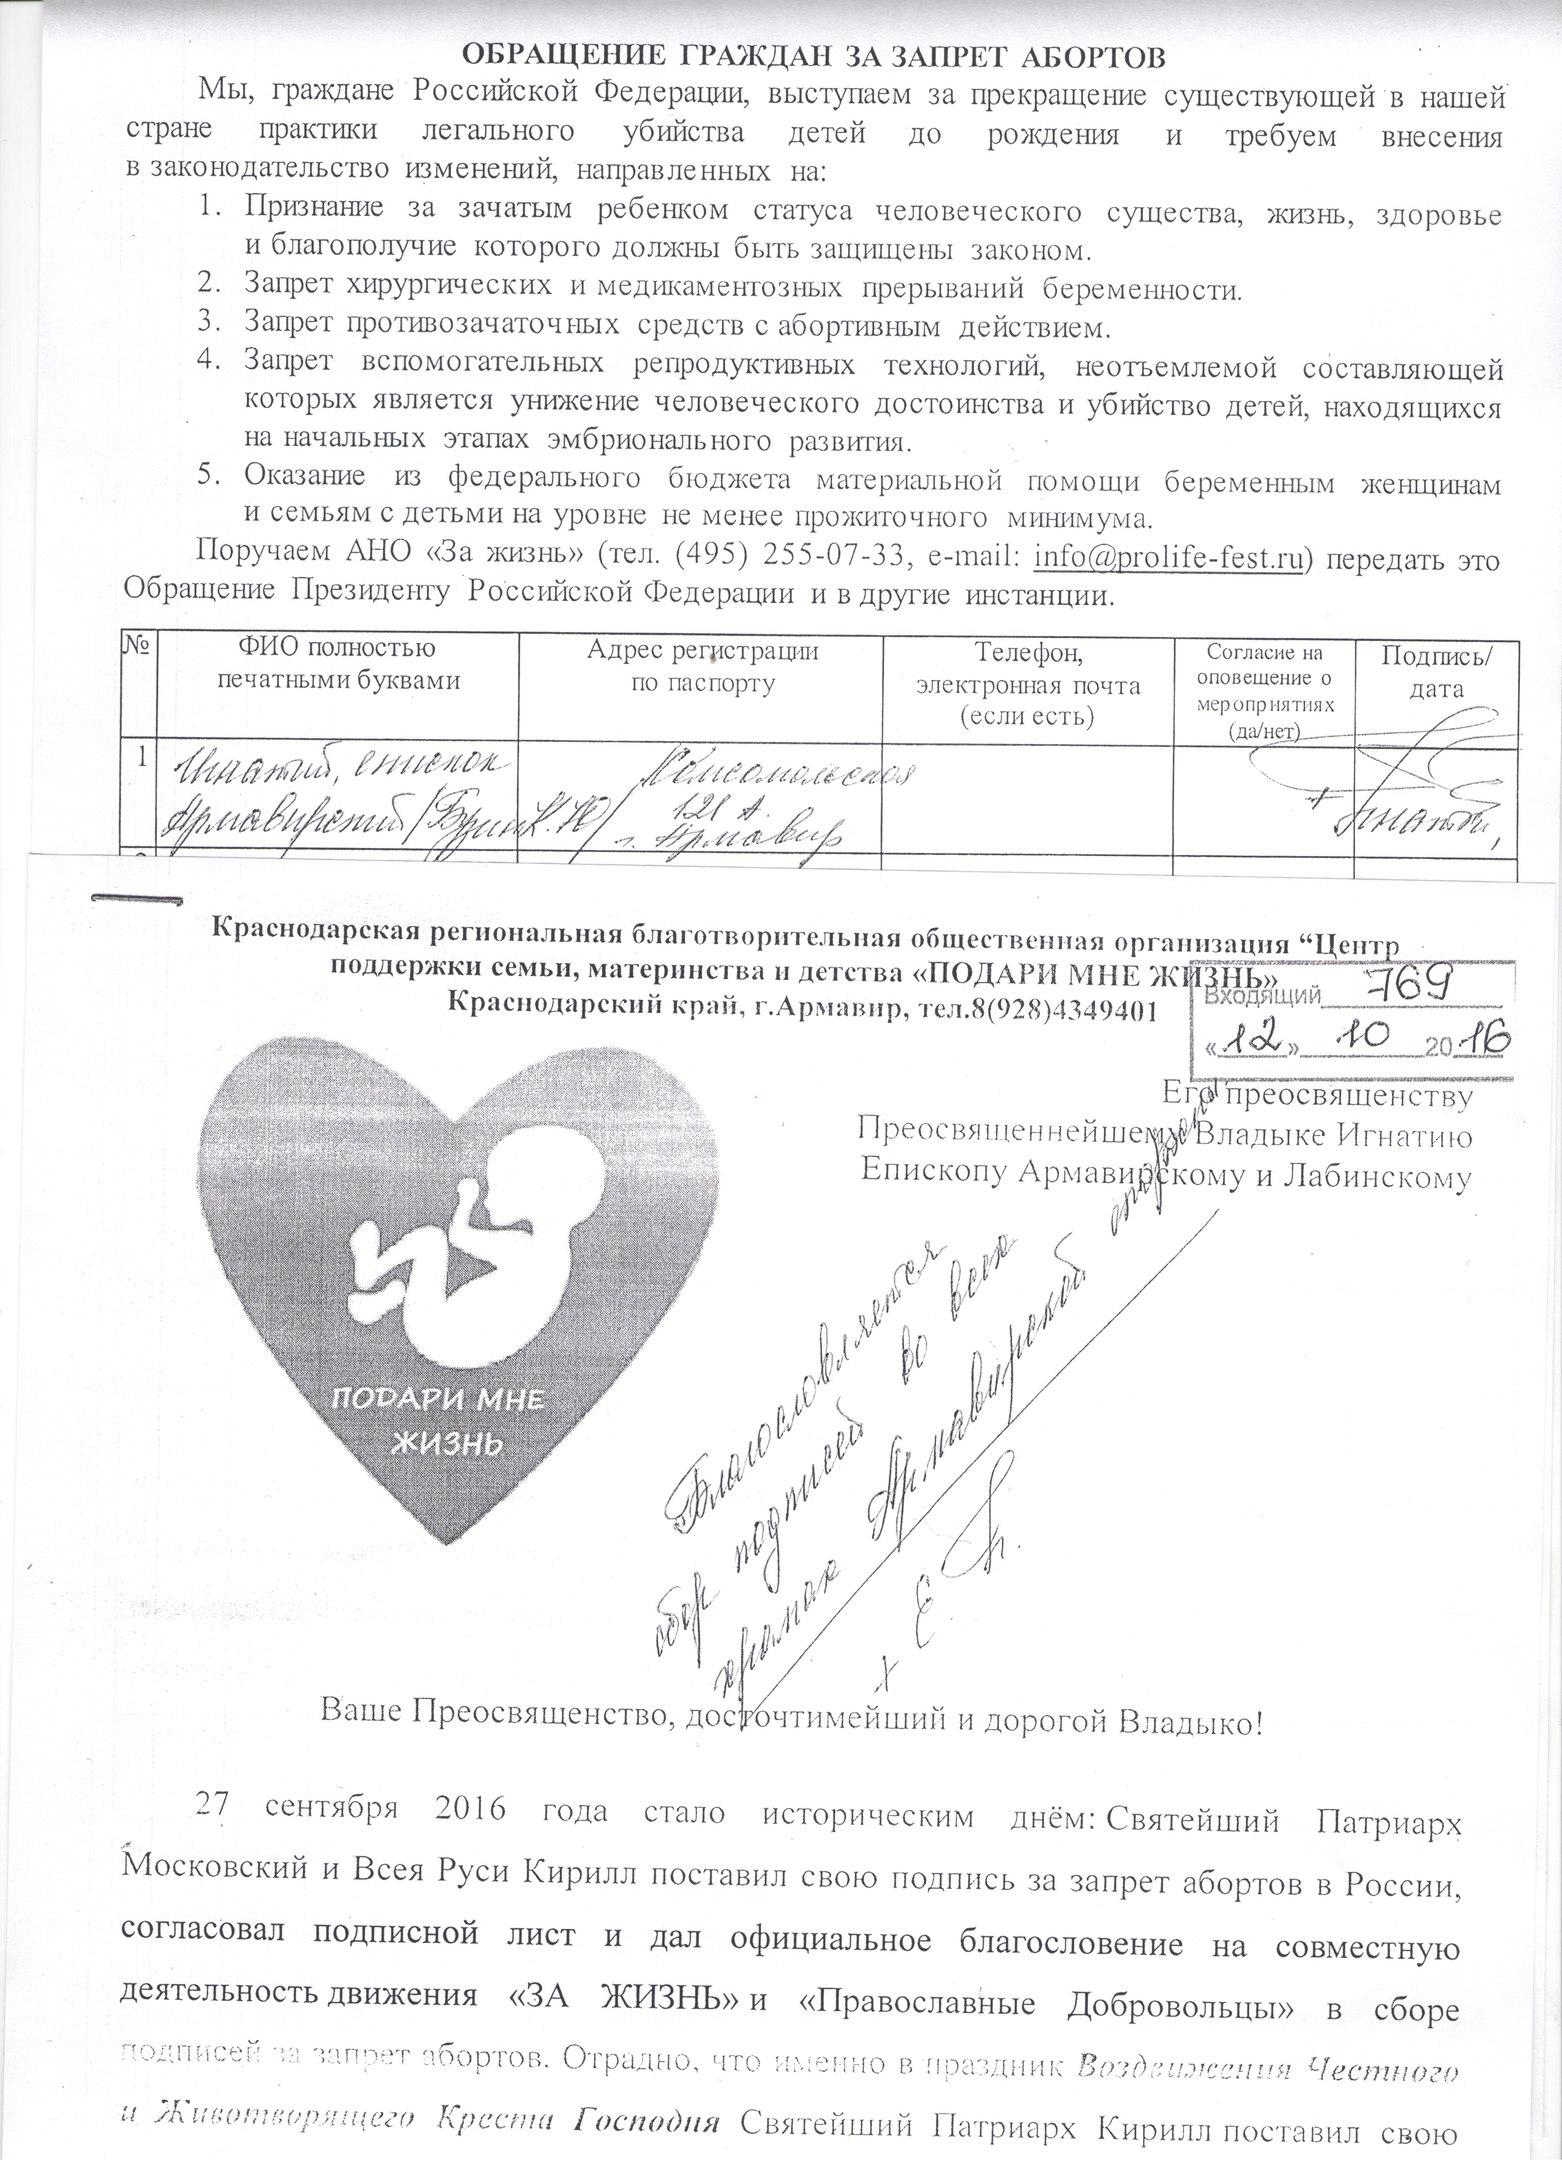 Обращение за запрет абортов подписал пископ Армавирский и Лабинский Игнатий